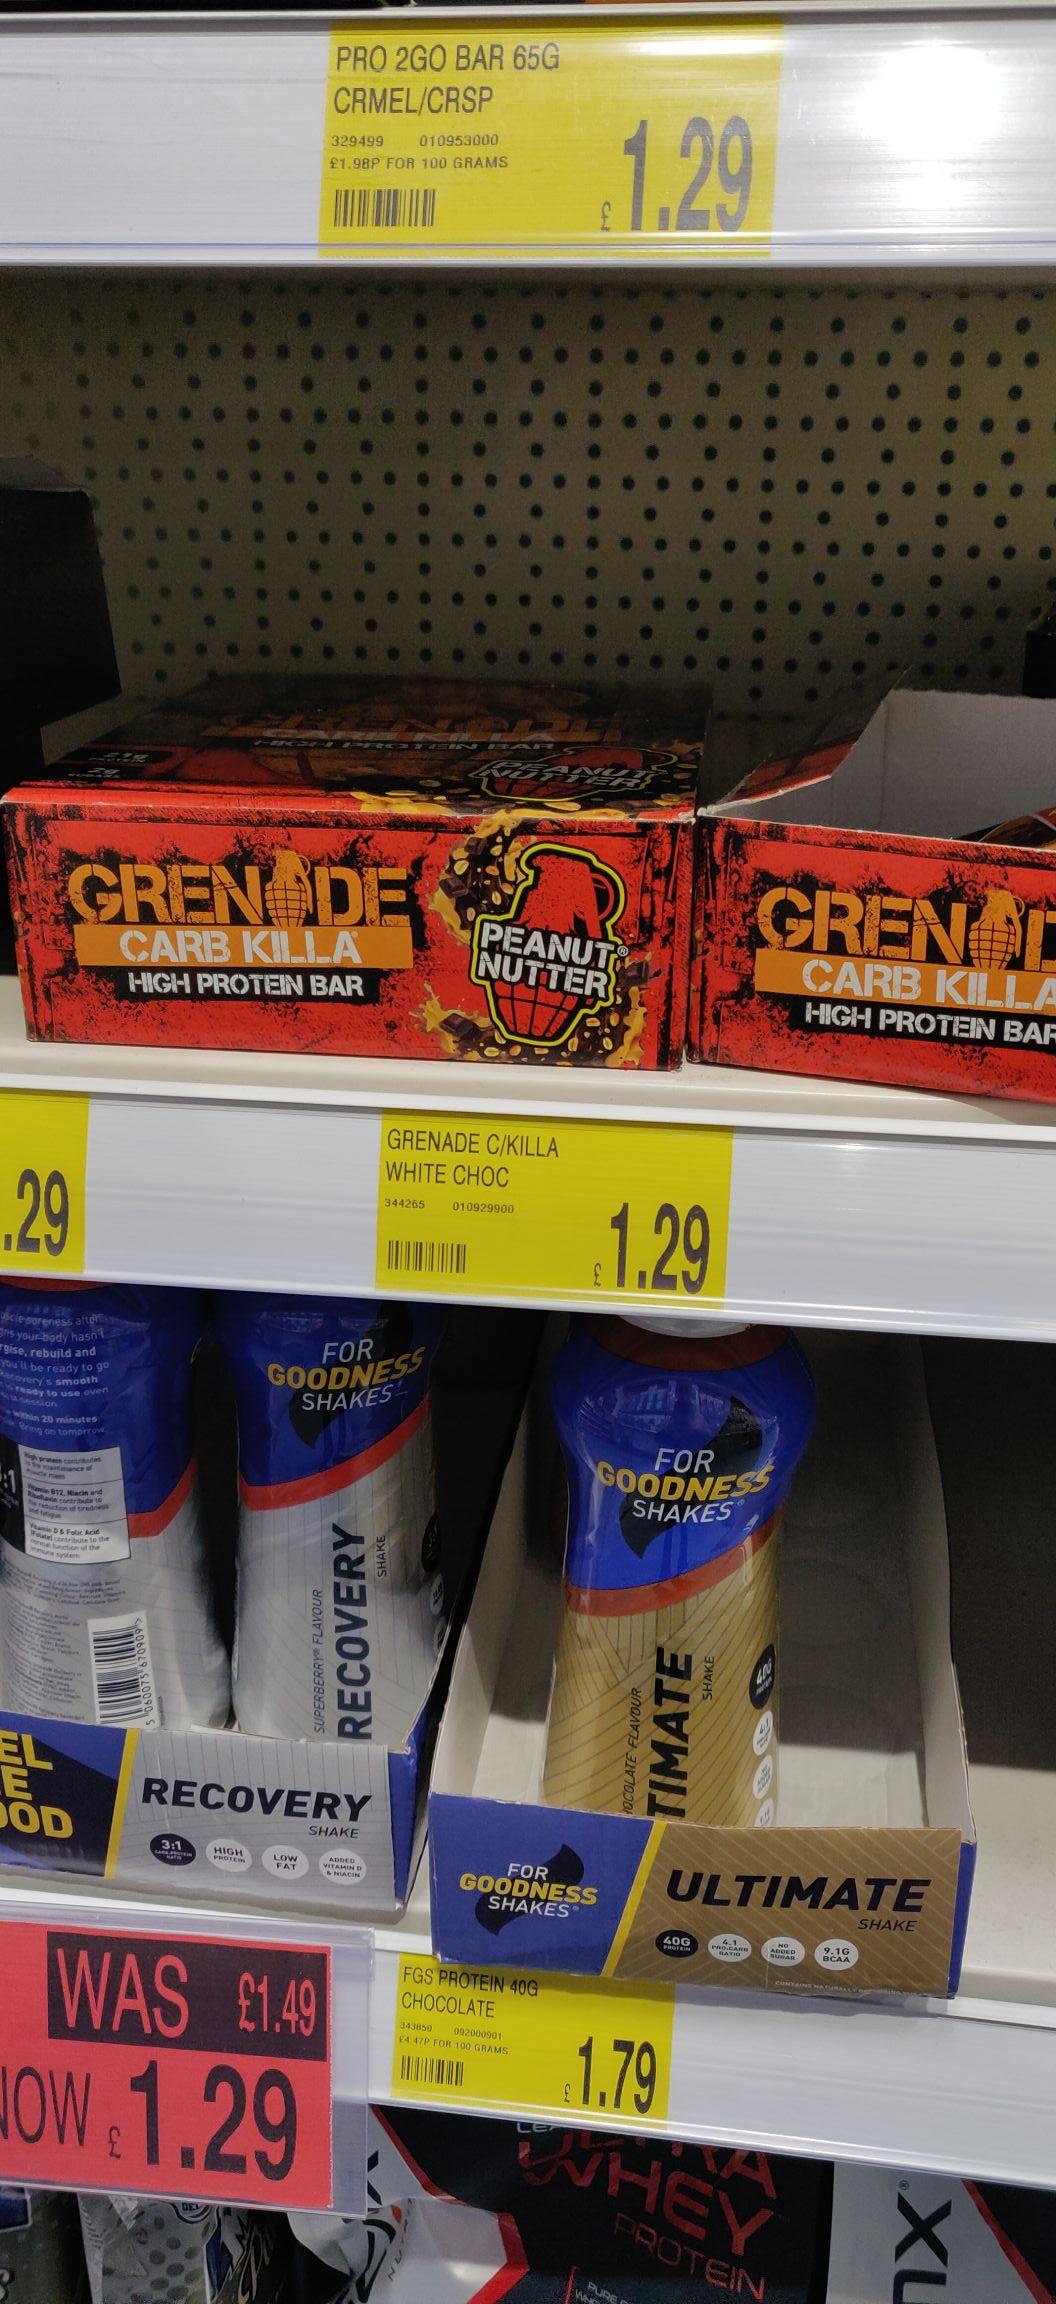 Grenade Carb killa bars back at B&M - £1.29